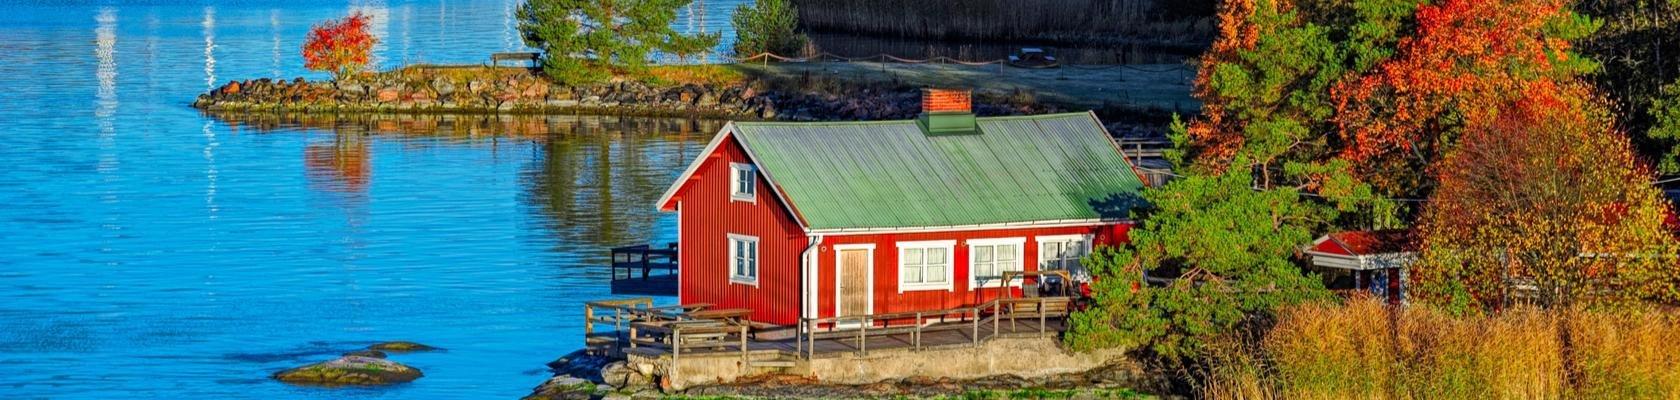 Finland rood huisje